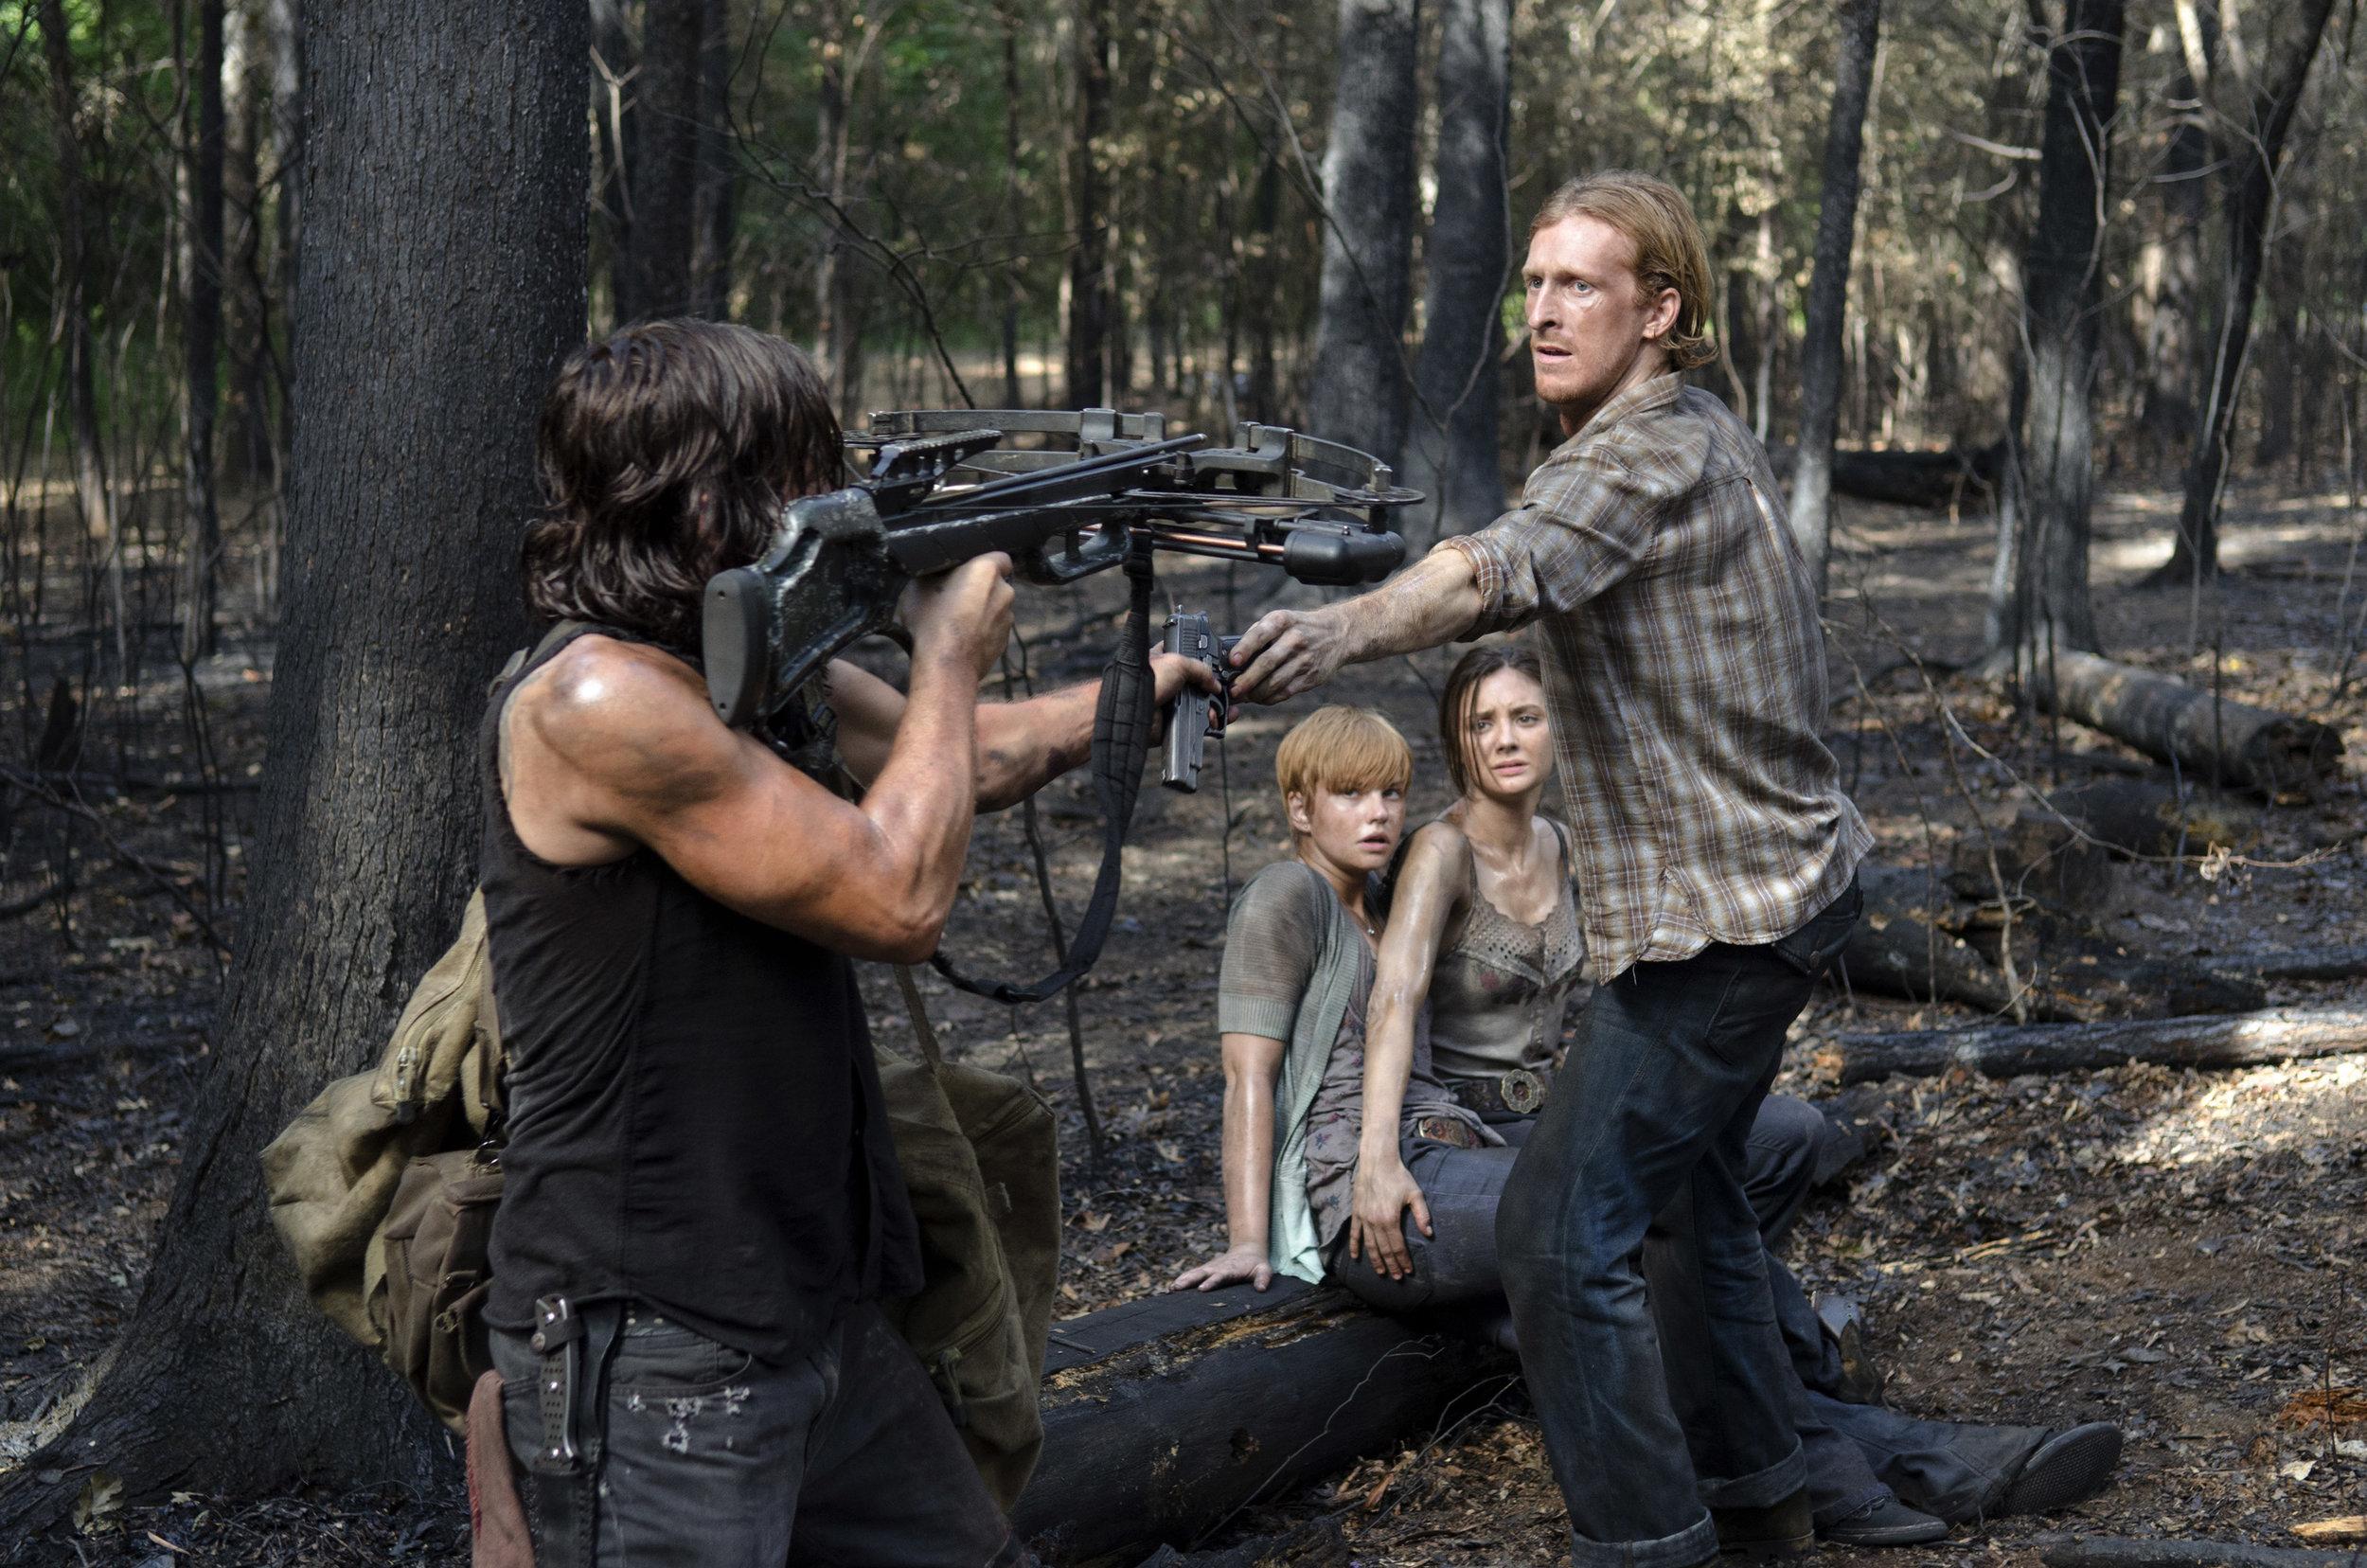 Daryl-Takes-Dwights-Gun-in-The-Walking-Dead-Season-6-Episode-6.jpg